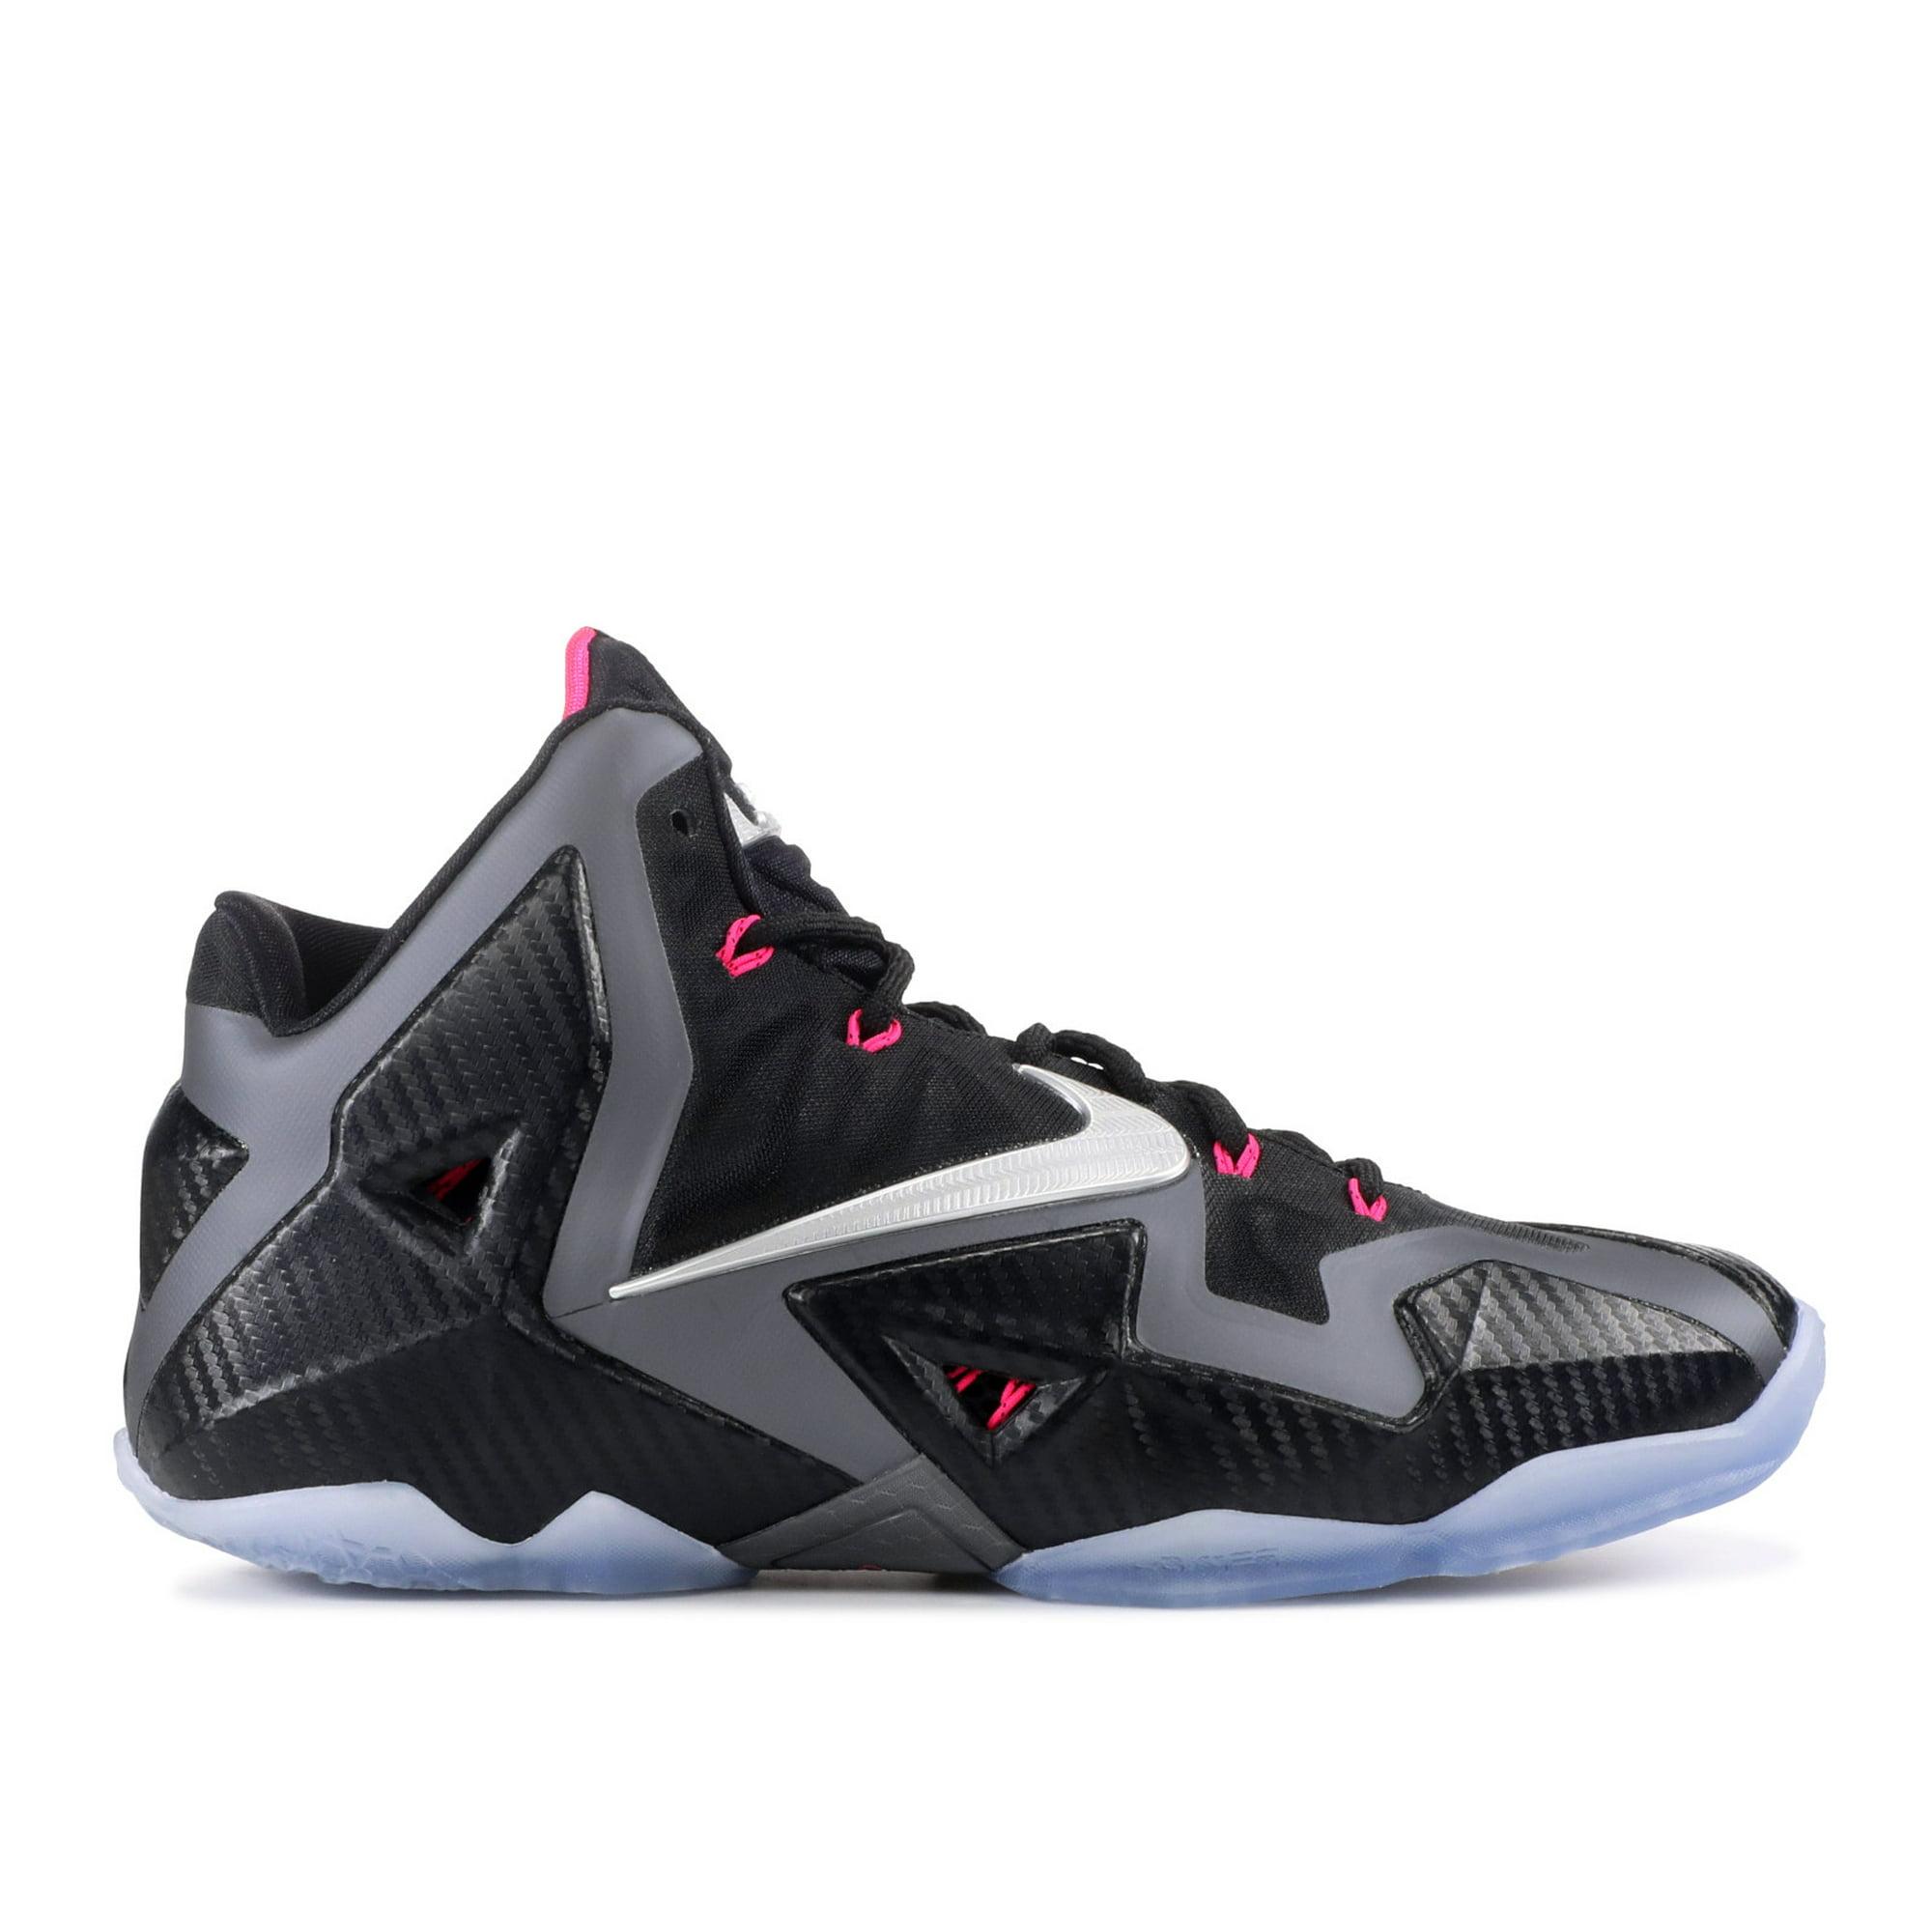 a14ef89c7839 Nike - Men - Lebron 11  Miami Night  - 616175-003 - Size 8.5 ...